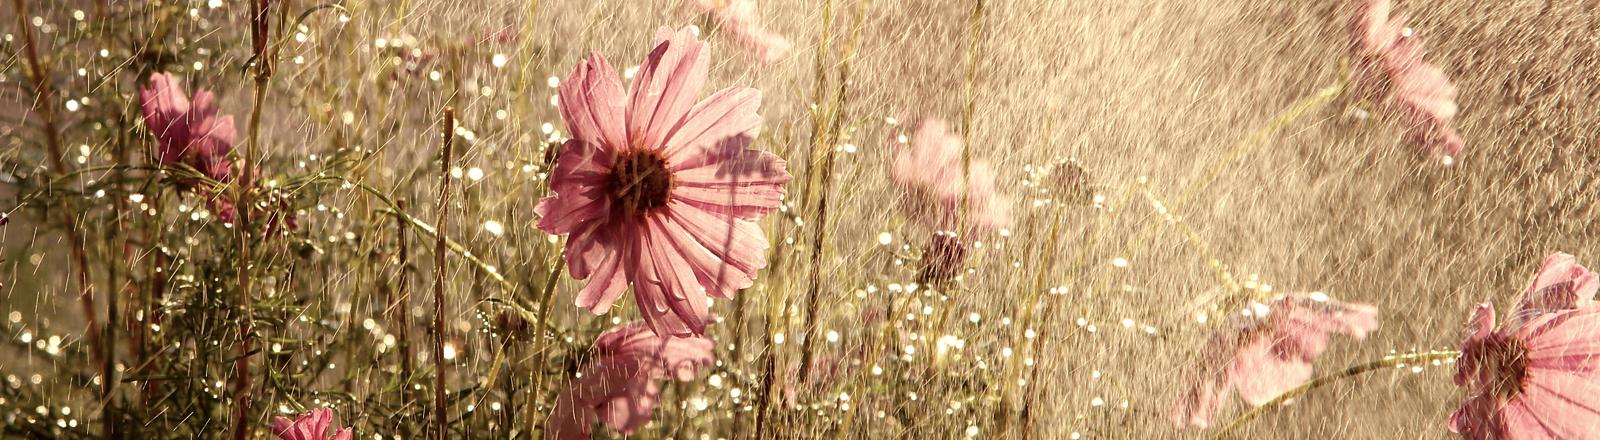 Ein schöner, frischer Sommerregen auf roten Blüten einer Cosmea.